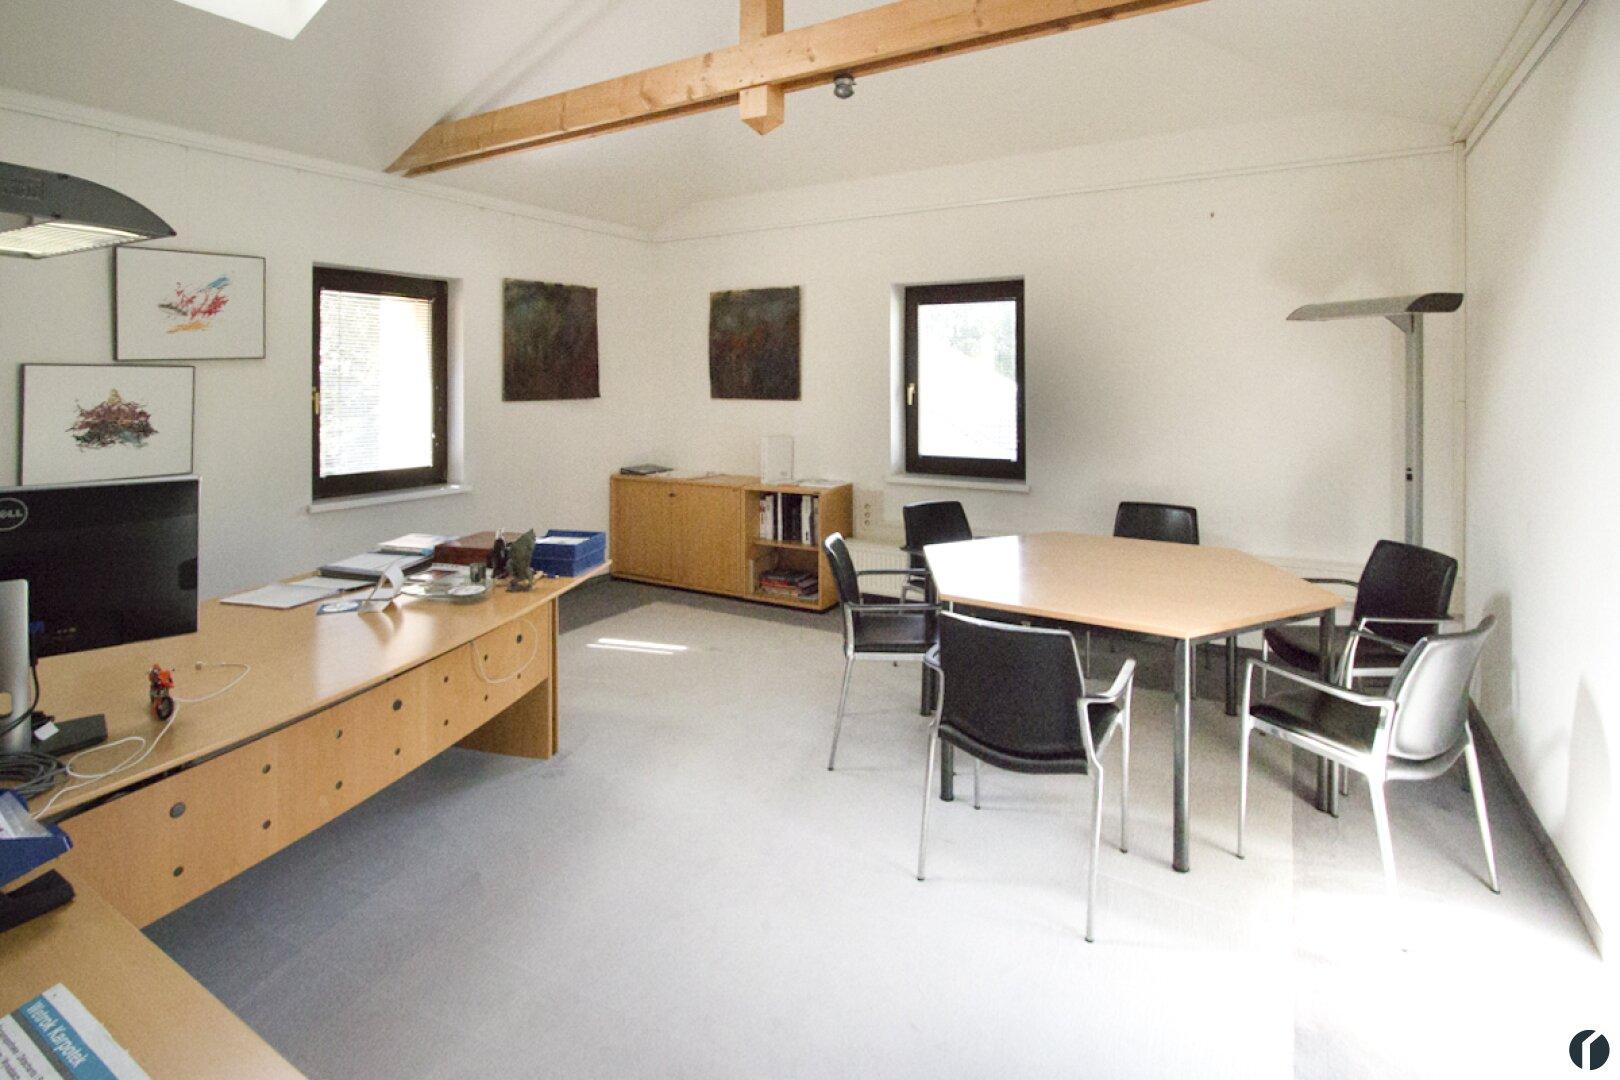 Büro mit Besprechungstisch im OG